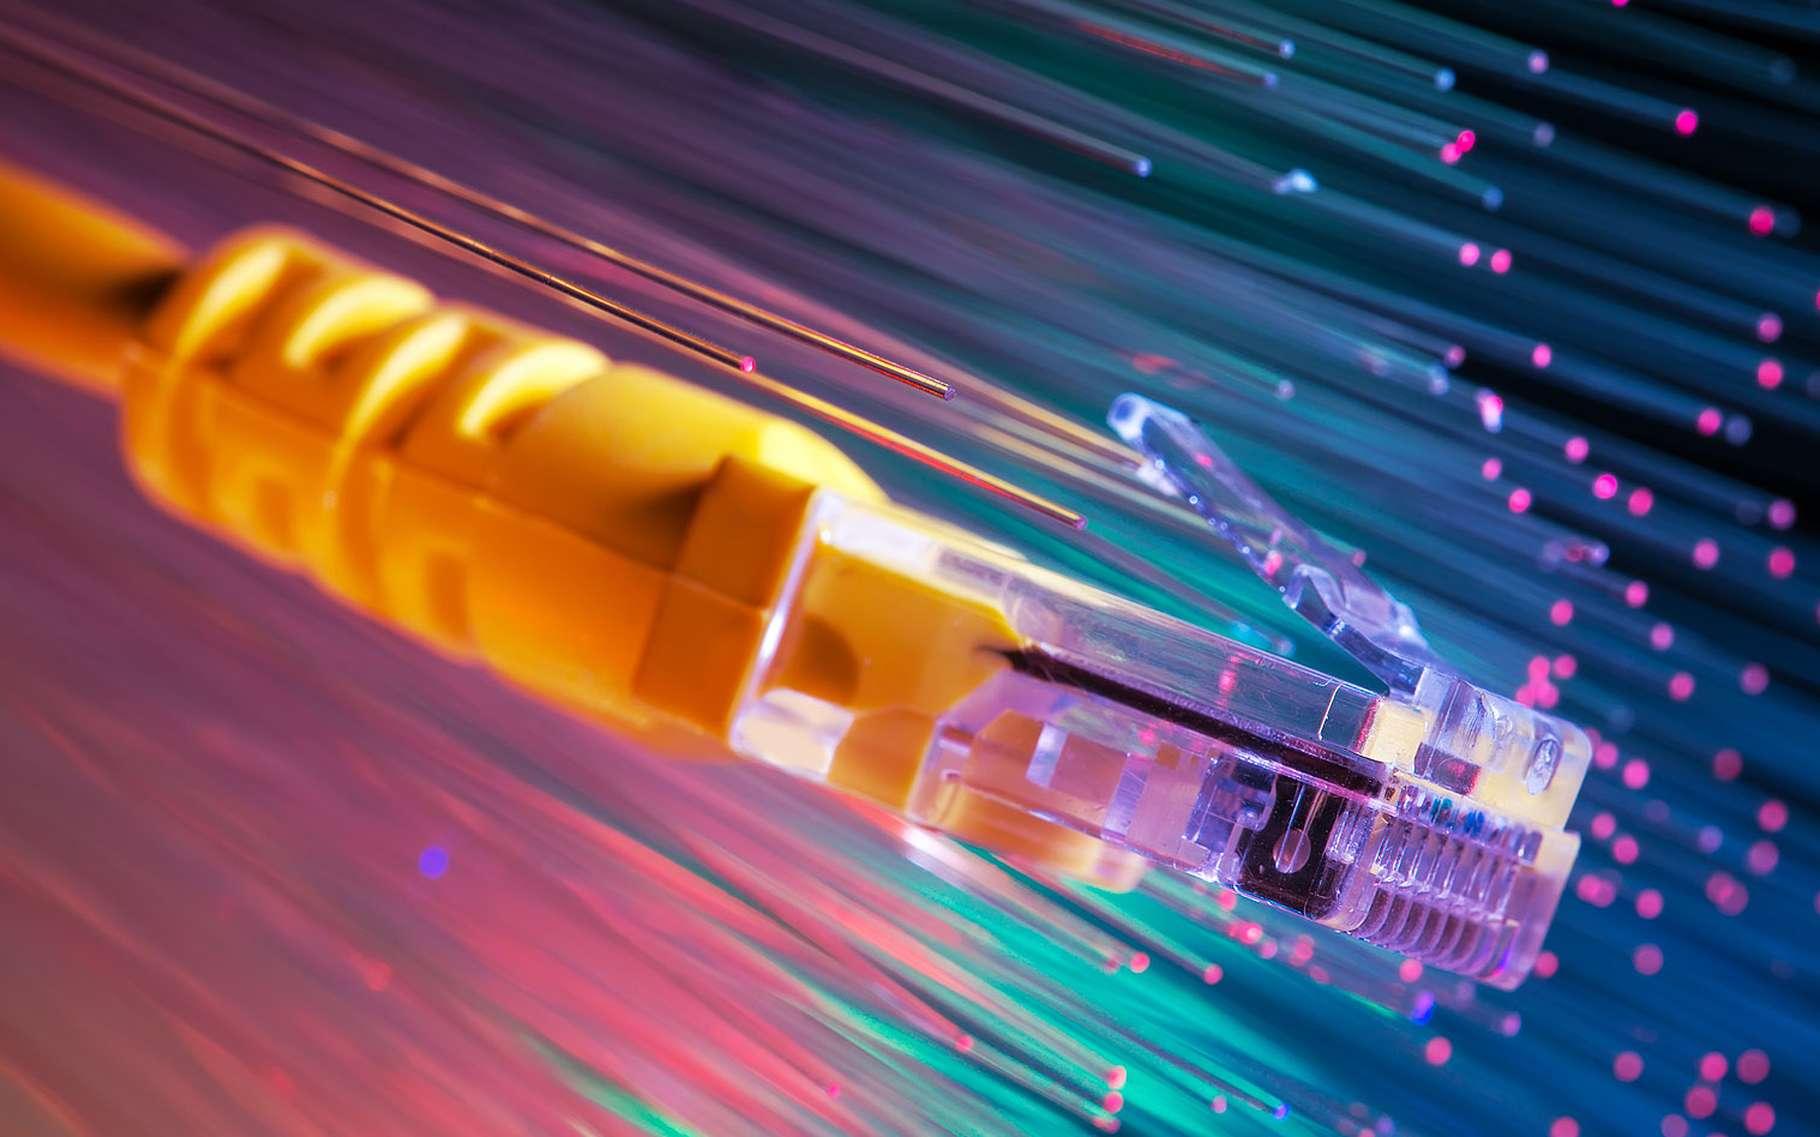 cavo rete e luci. Indicano la fibra ottica